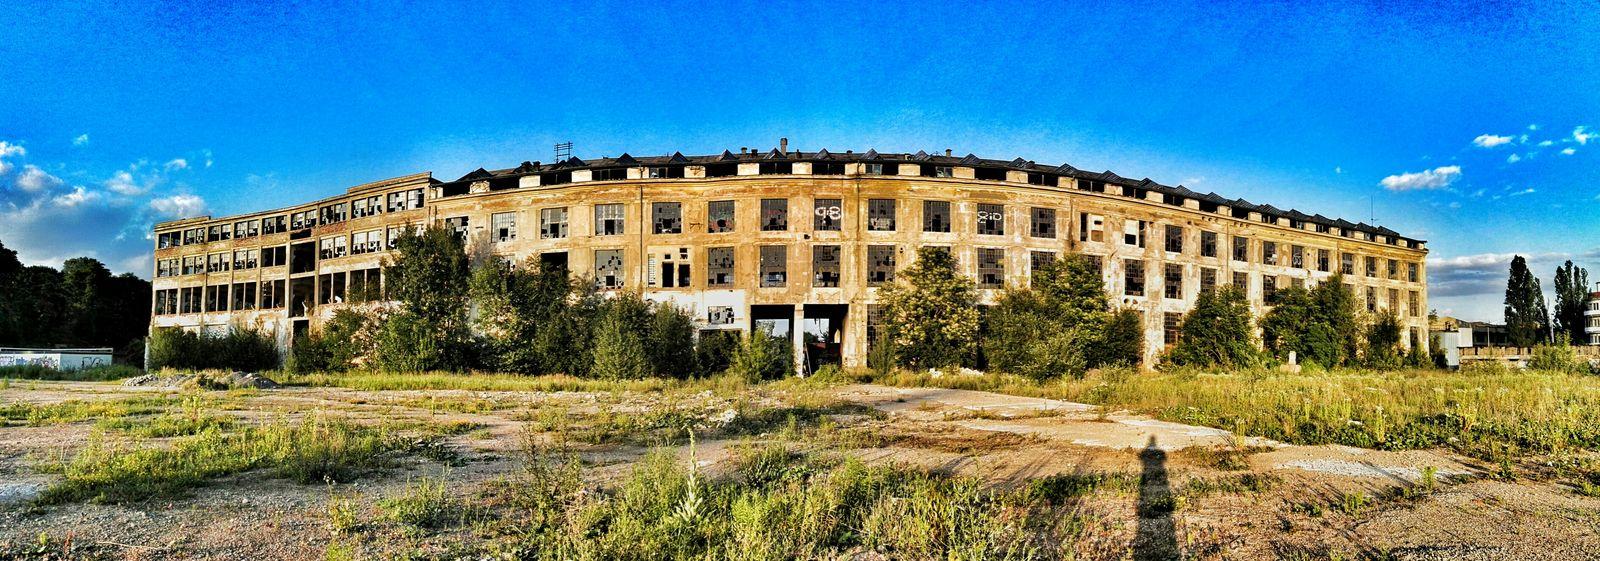 Kolbenka Prague CkD Urbex Urbexphotography Praha Ruiny